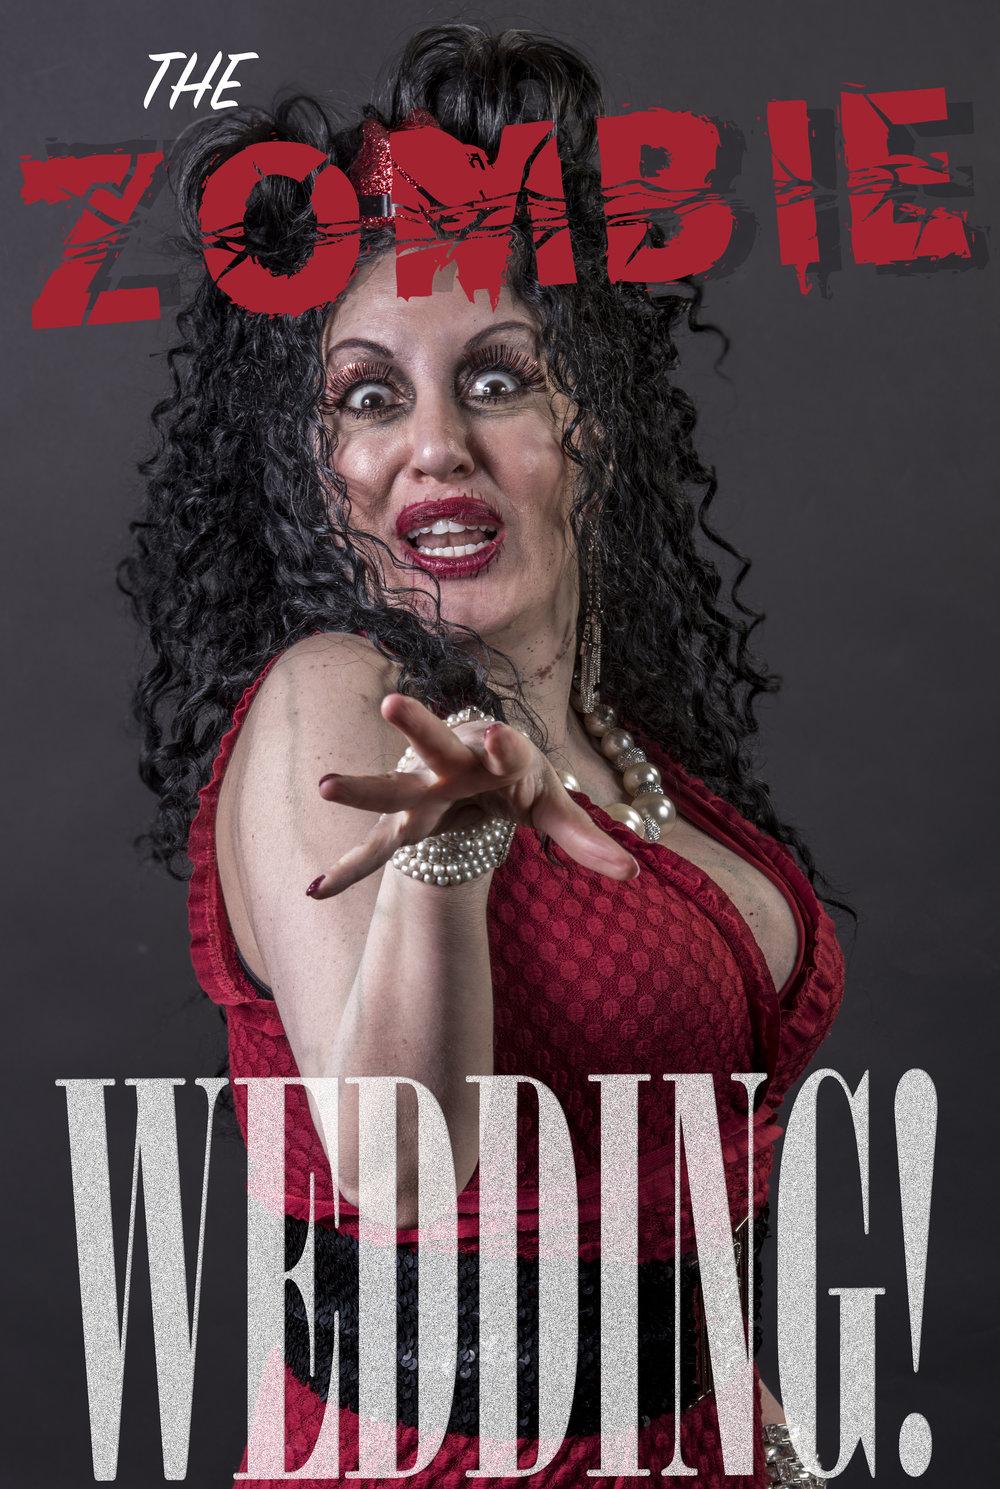 ZOMBIE_WEDDING_PROMO_C.jpg